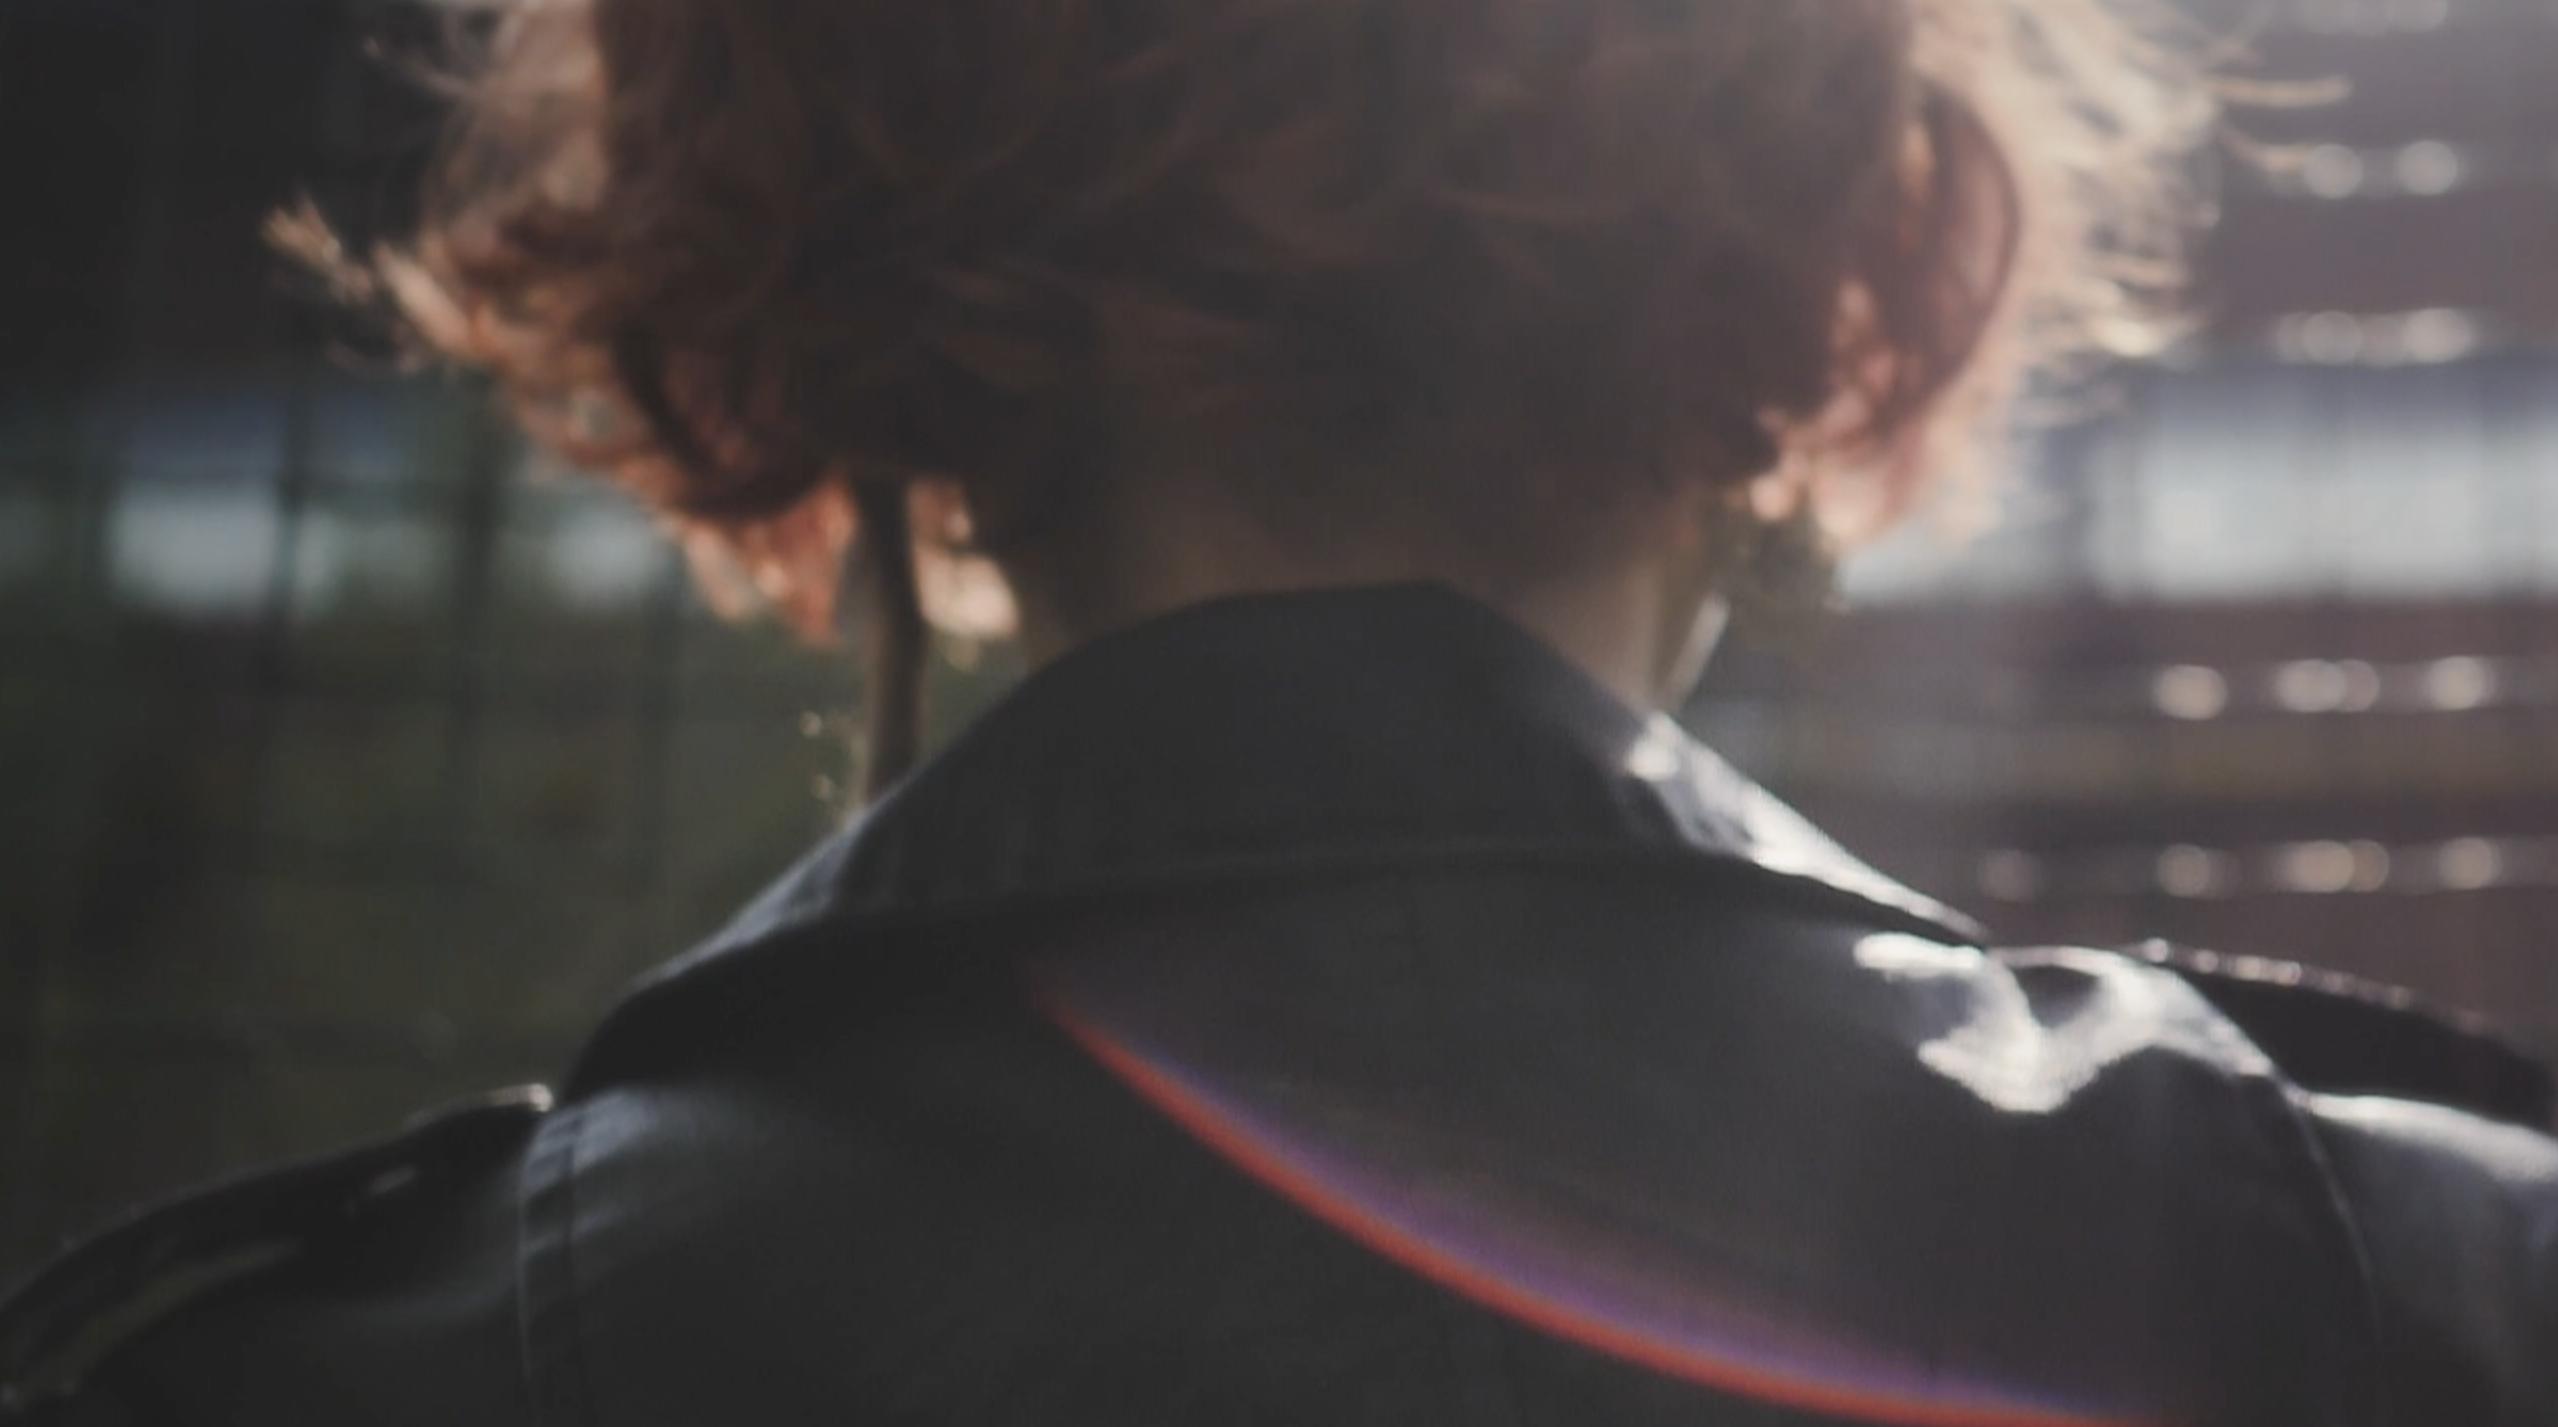 Videoclip musicale: Non mi scorderò di te